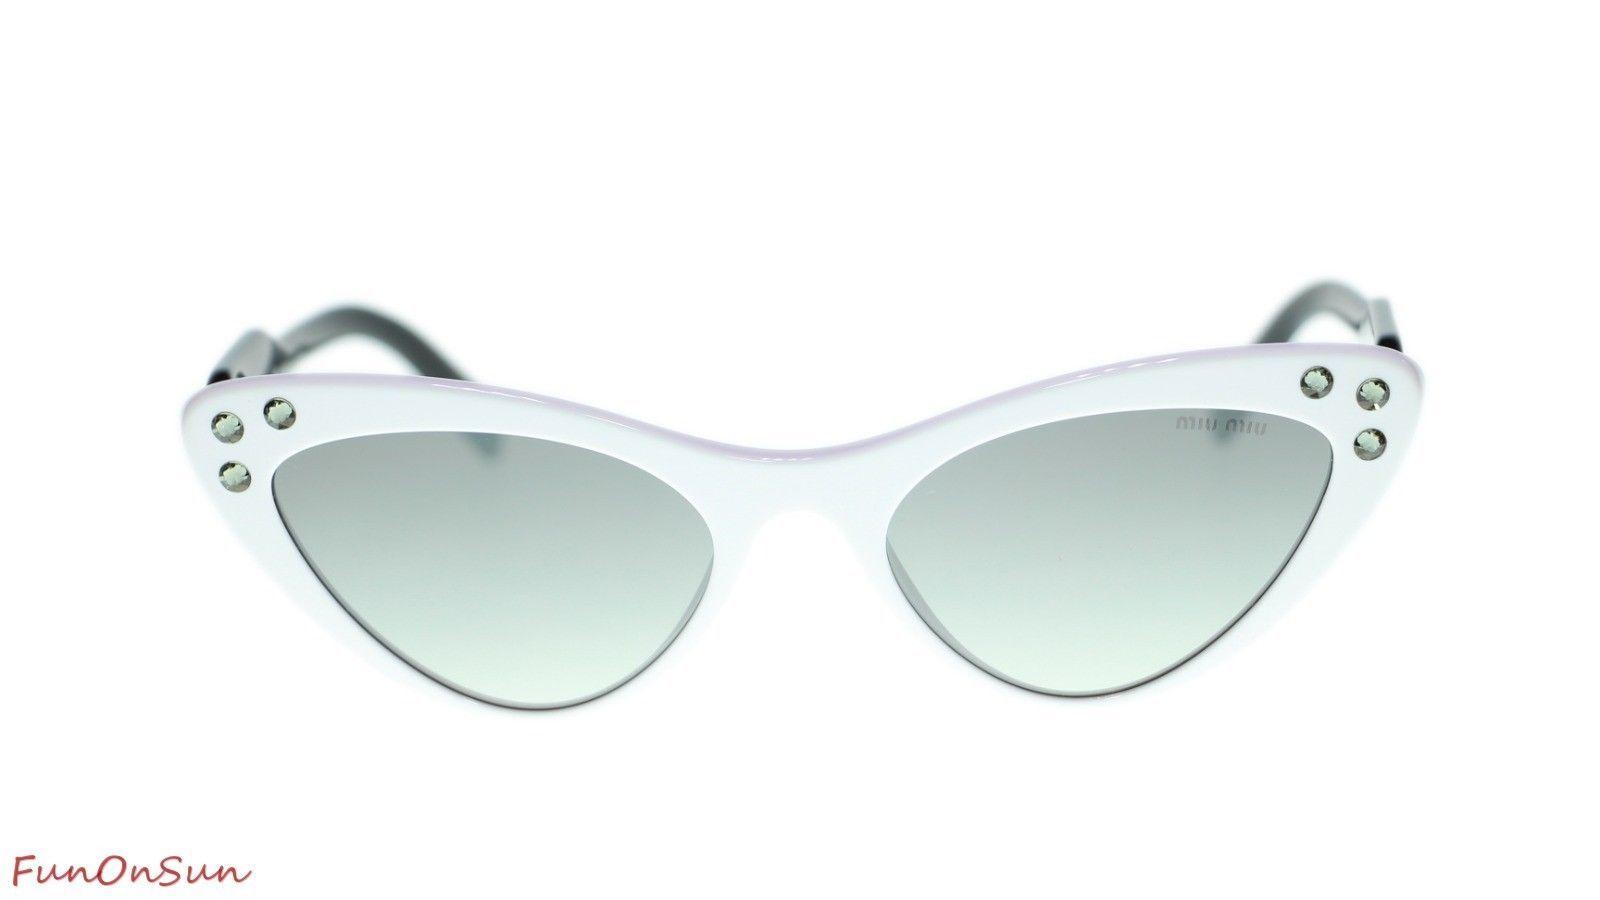 MIU MIU WOMEN SUNGLASSES MU05TS 4AO5O0 White/Grey Mirror Silver Lens 55mm